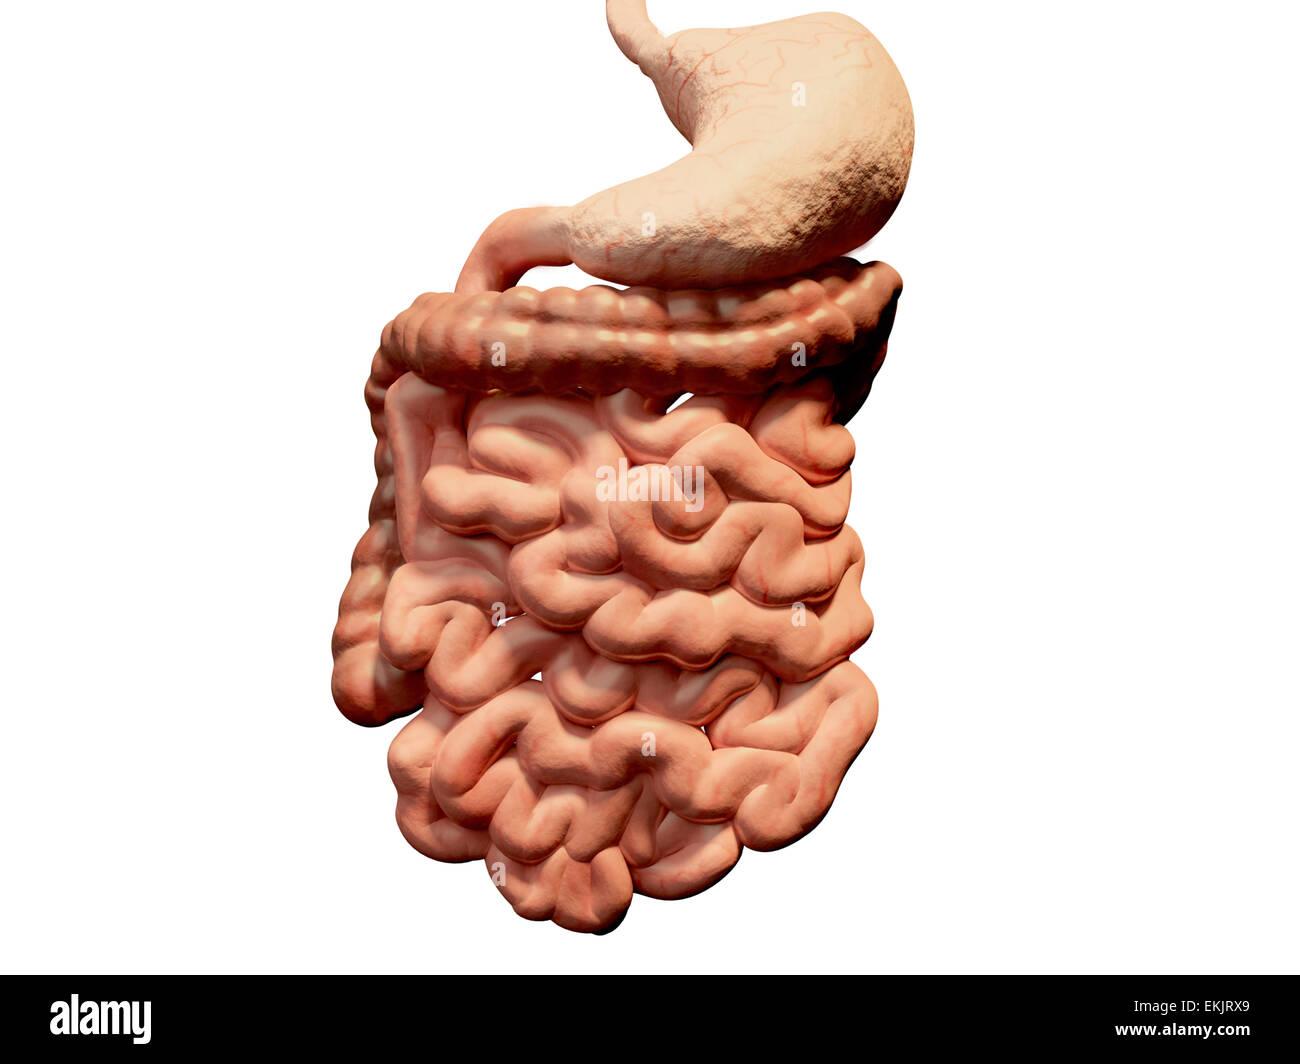 El tracto gastrointestinal, el colon, el intestino delgado, el ...